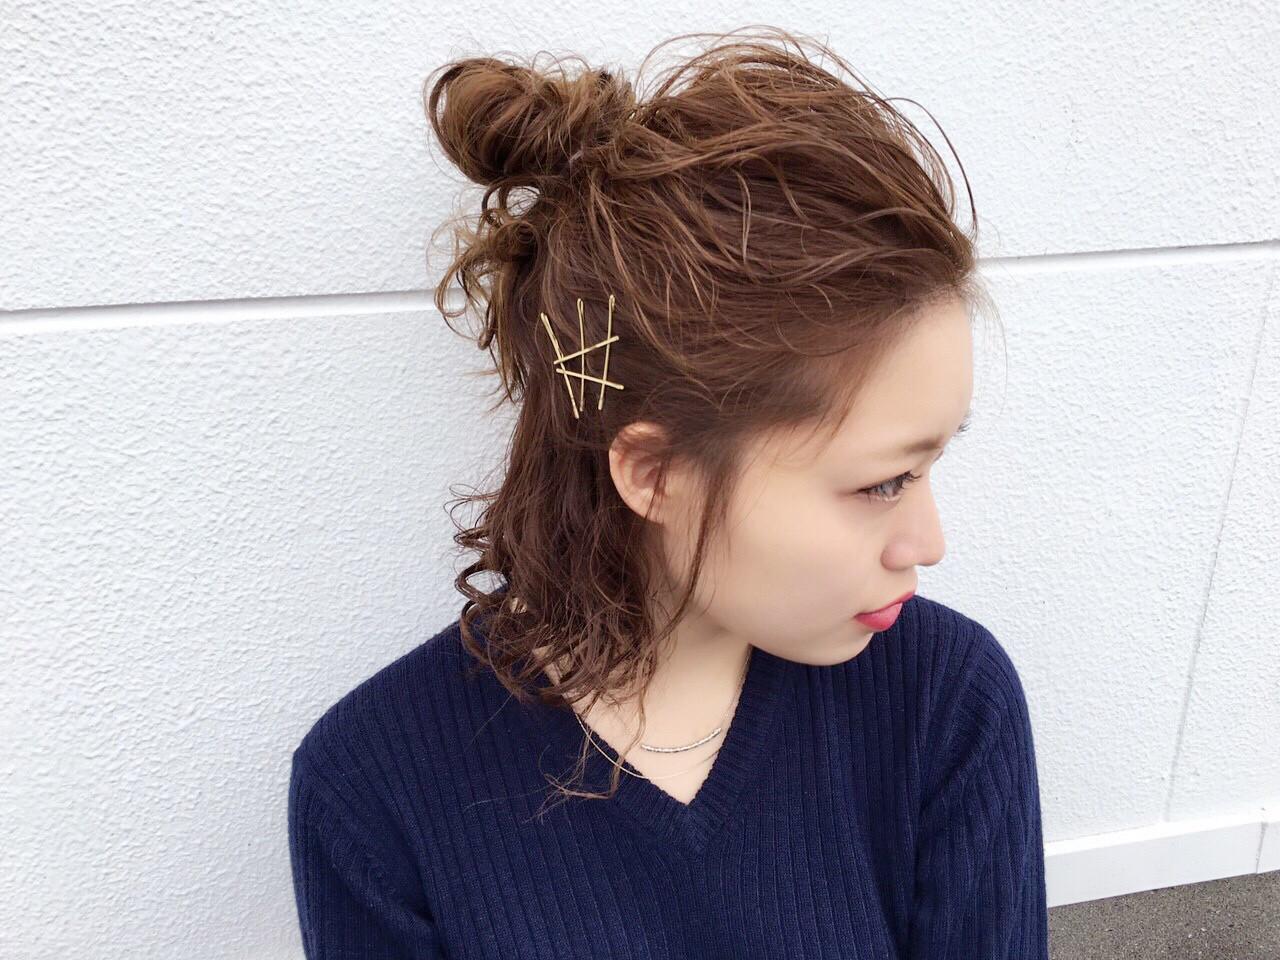 ミディアム ヘアアレンジ ショート アッシュ ヘアスタイルや髪型の写真・画像 | しおり /